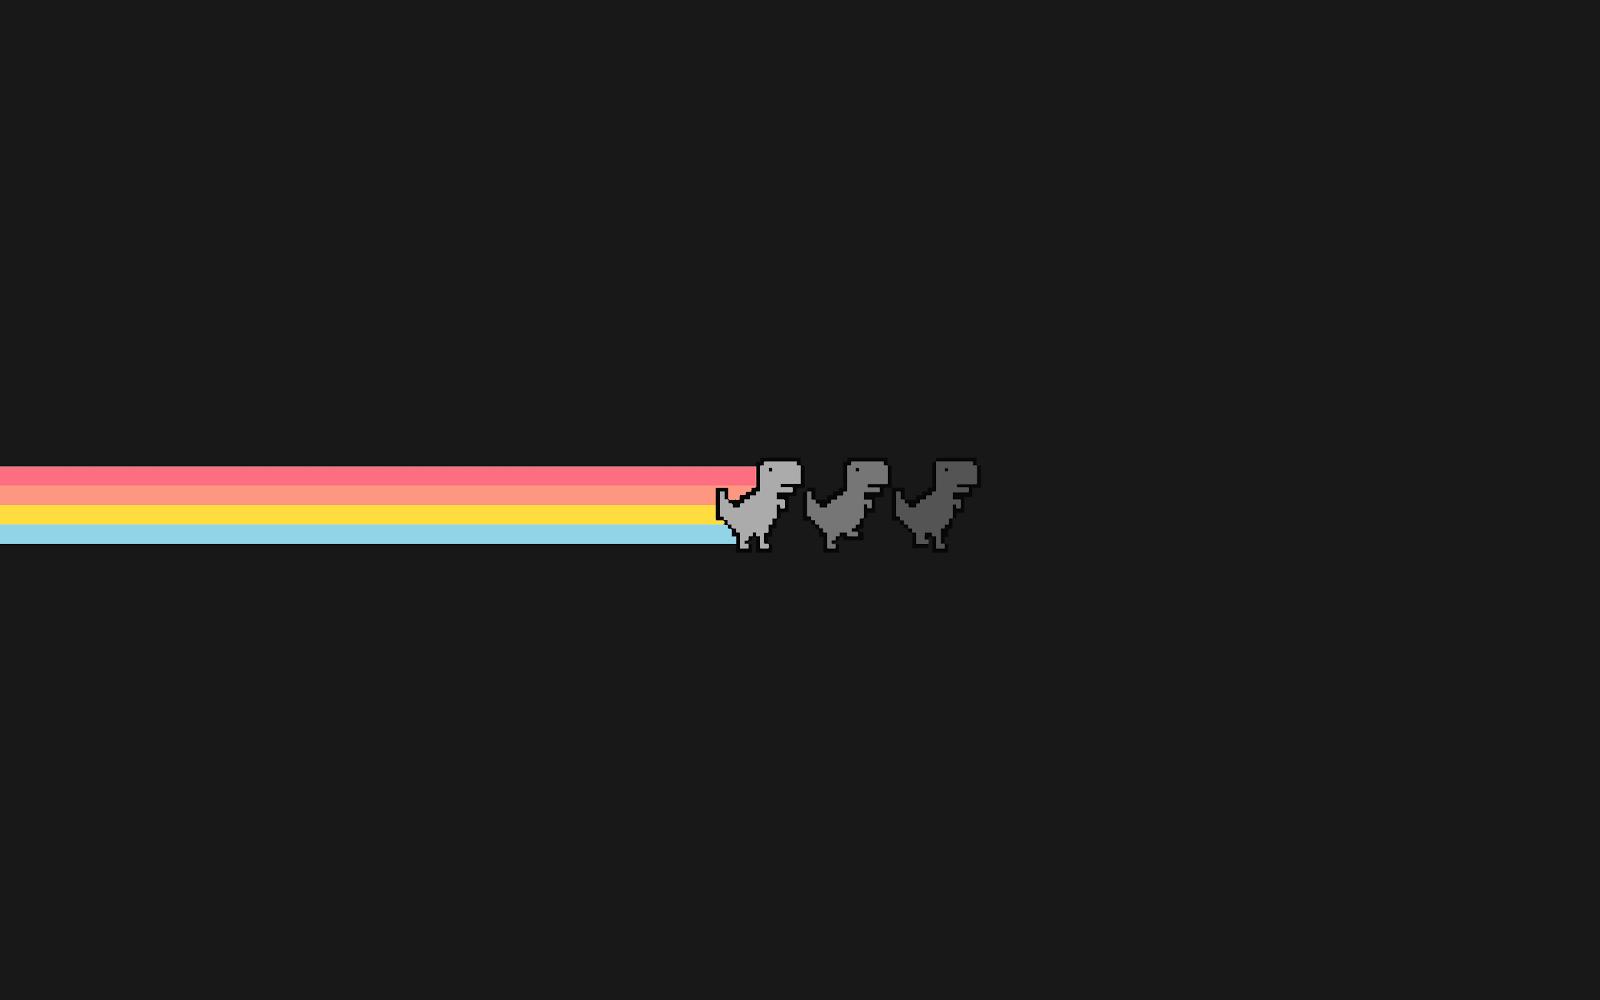 Fond d'écran du jeu du Dino de Google